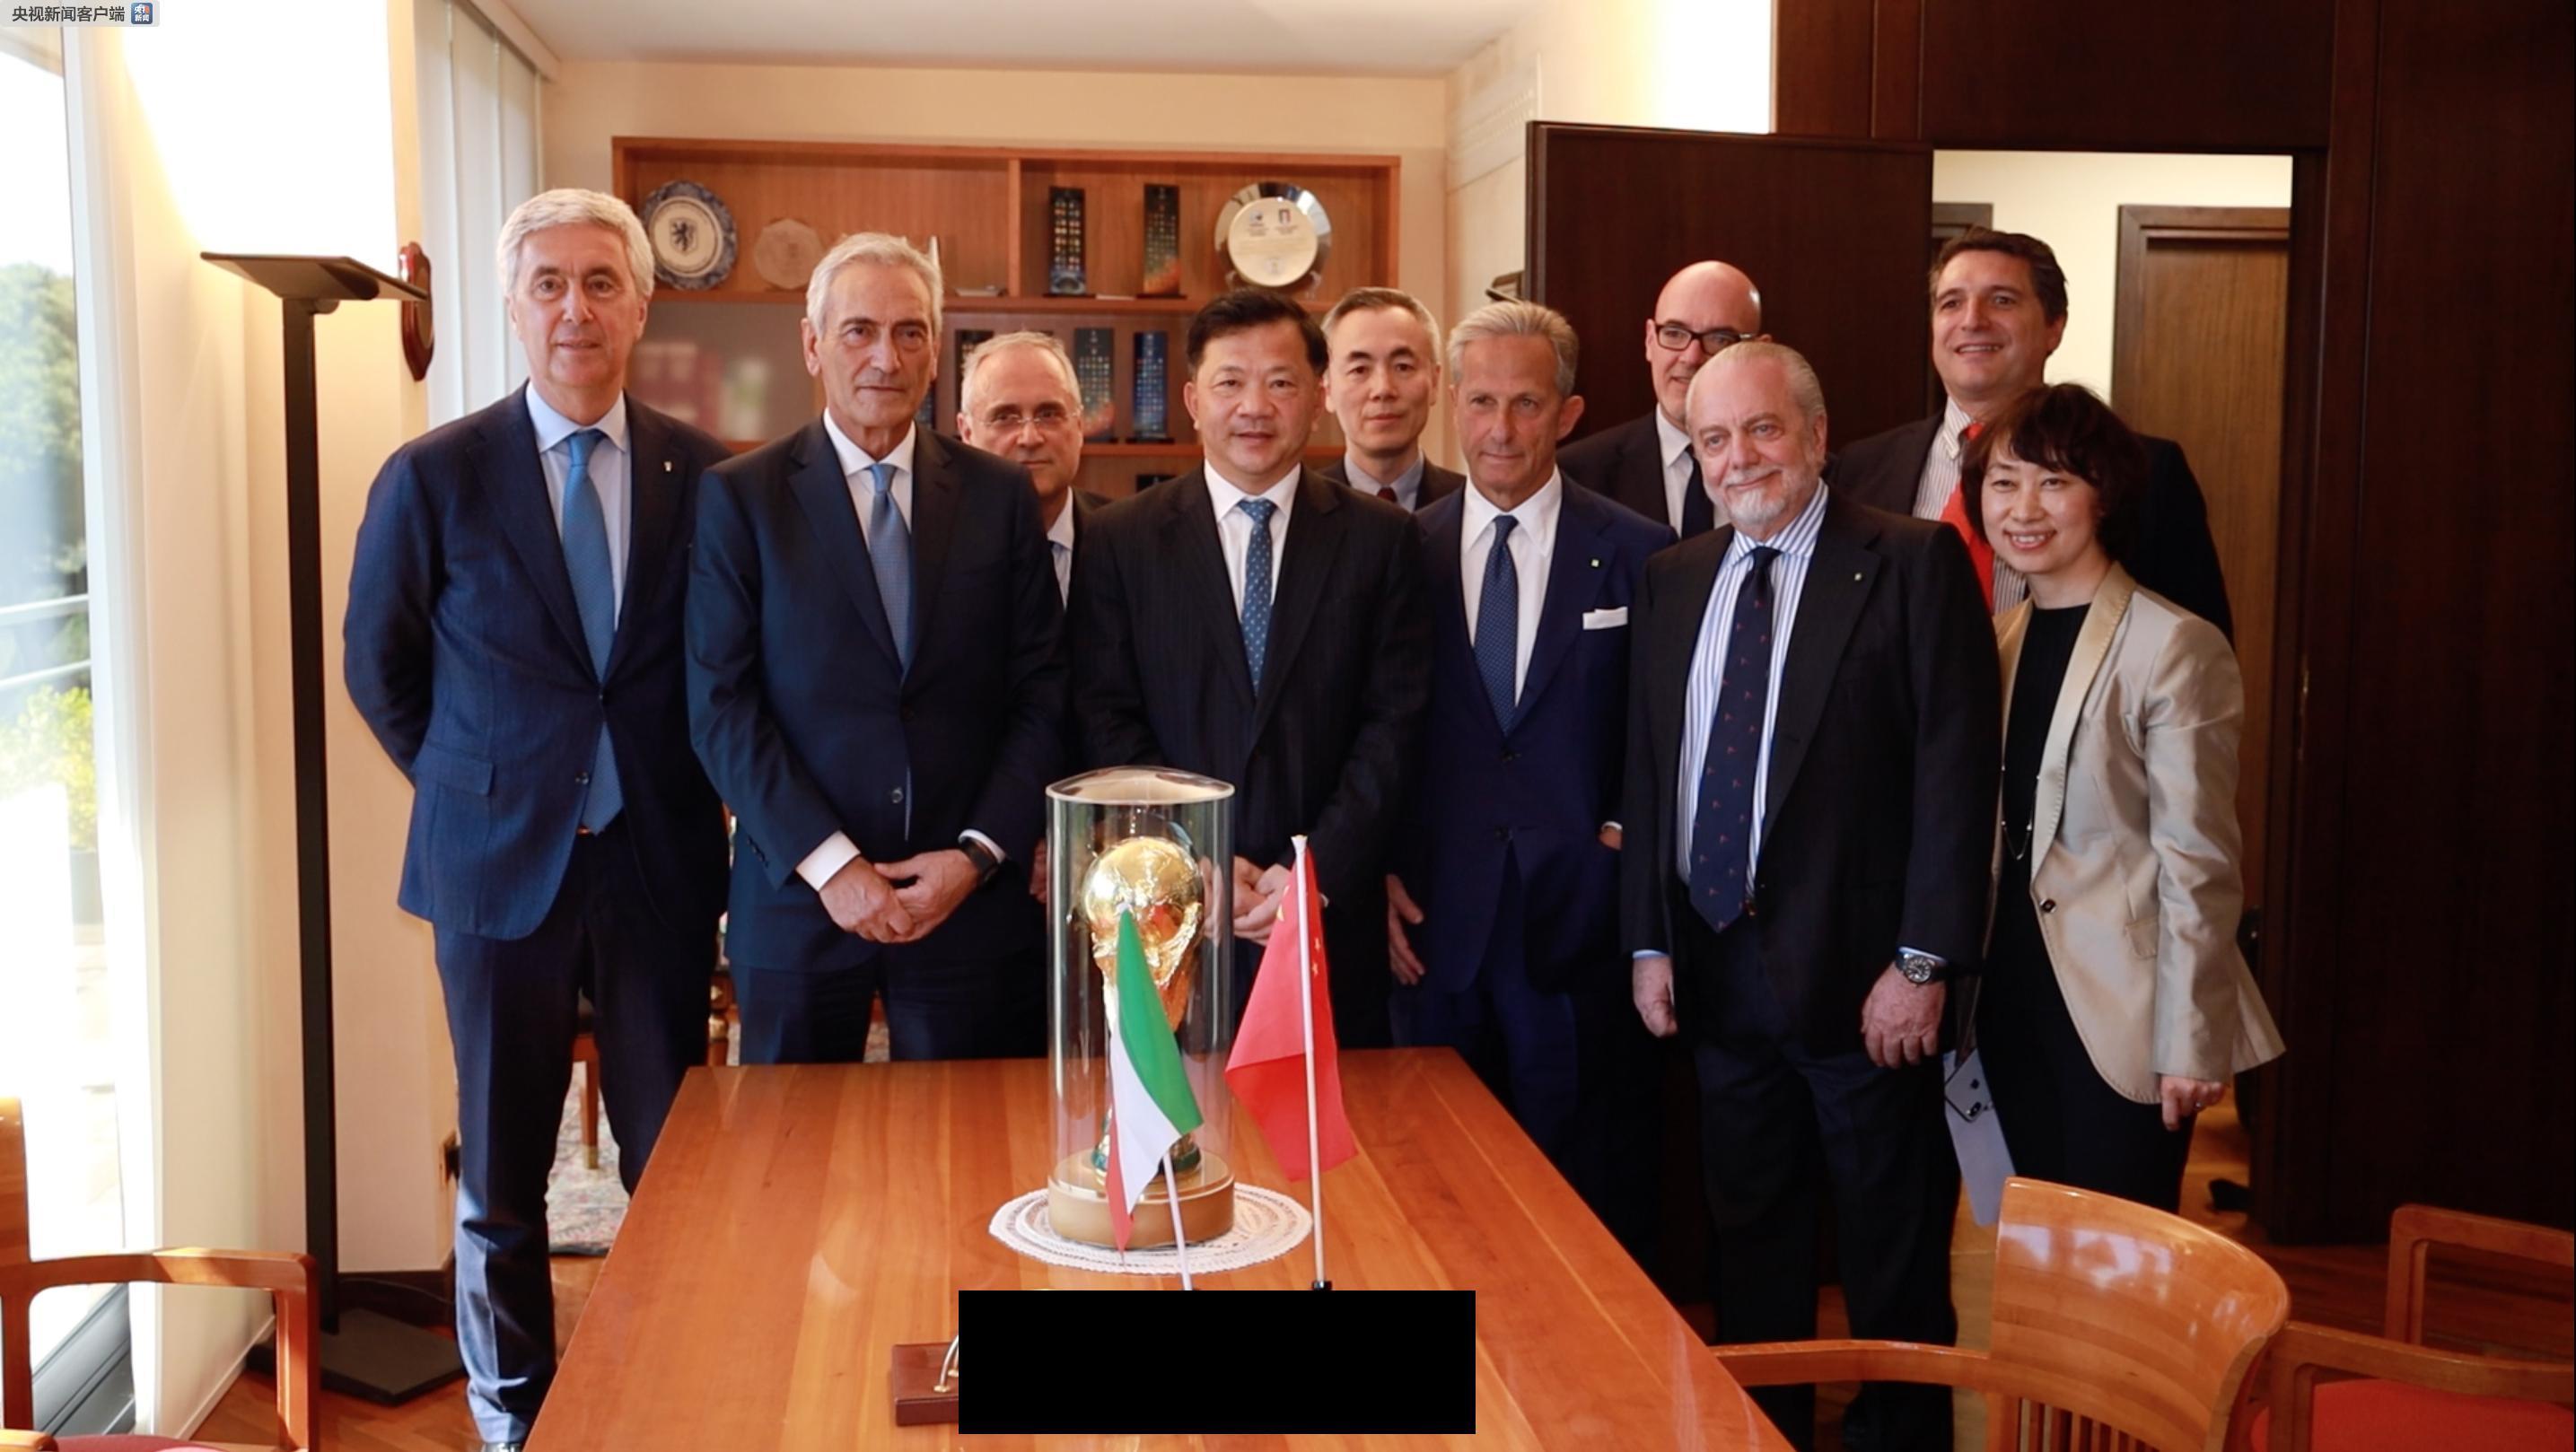 中央广播电视总台与意大利足球协会签署合作谅解备忘录 意甲联赛可望常态化进入中国